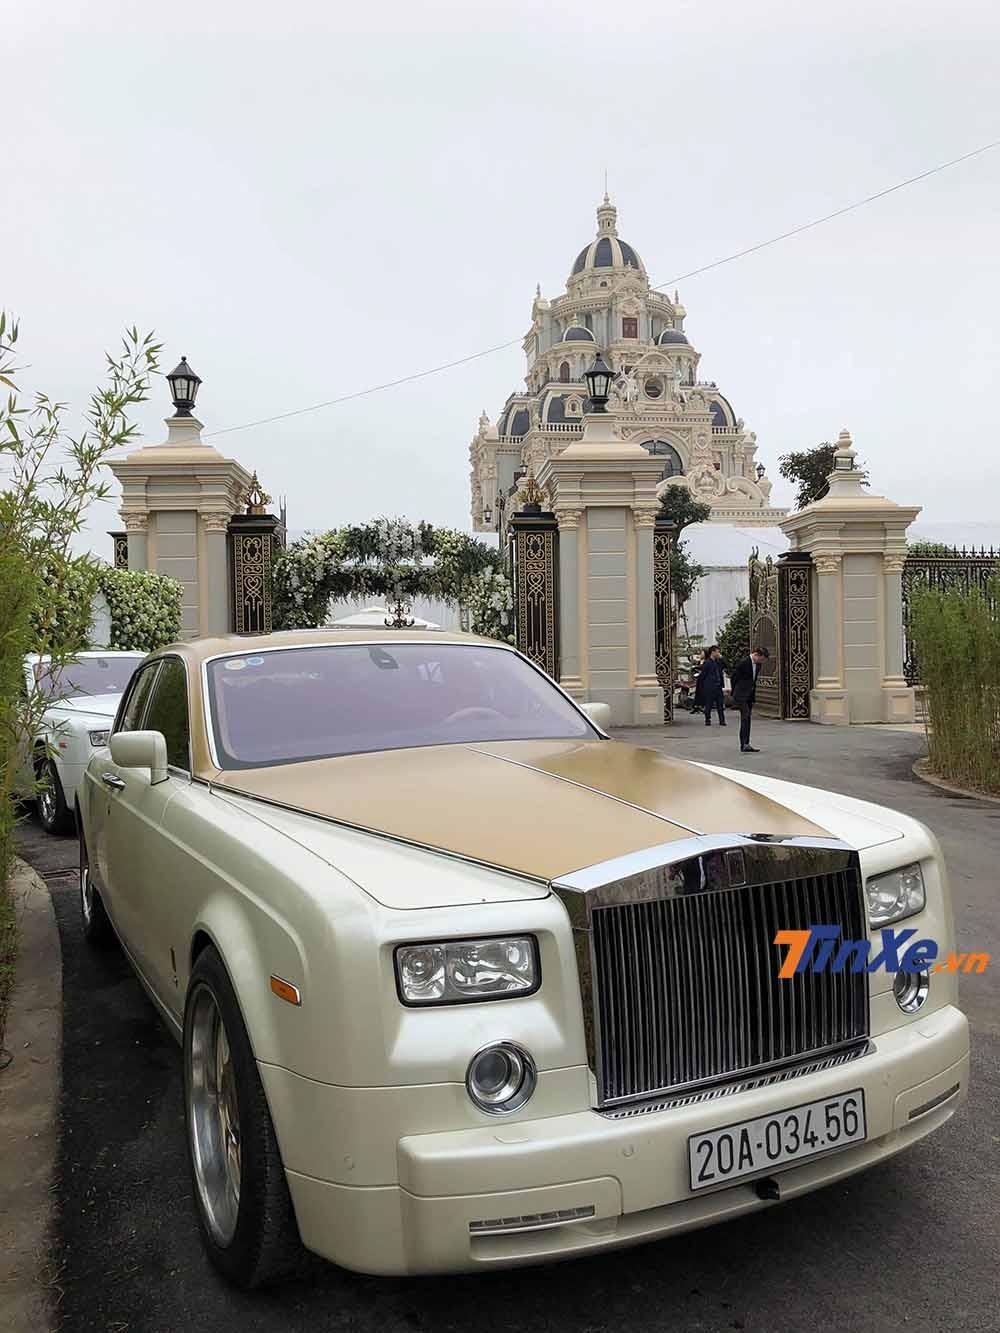 Rolls-Royce Phantom có giá bán tiêu chuẩn tại Việt Nam trên dưới 35 tỉ VNĐ.